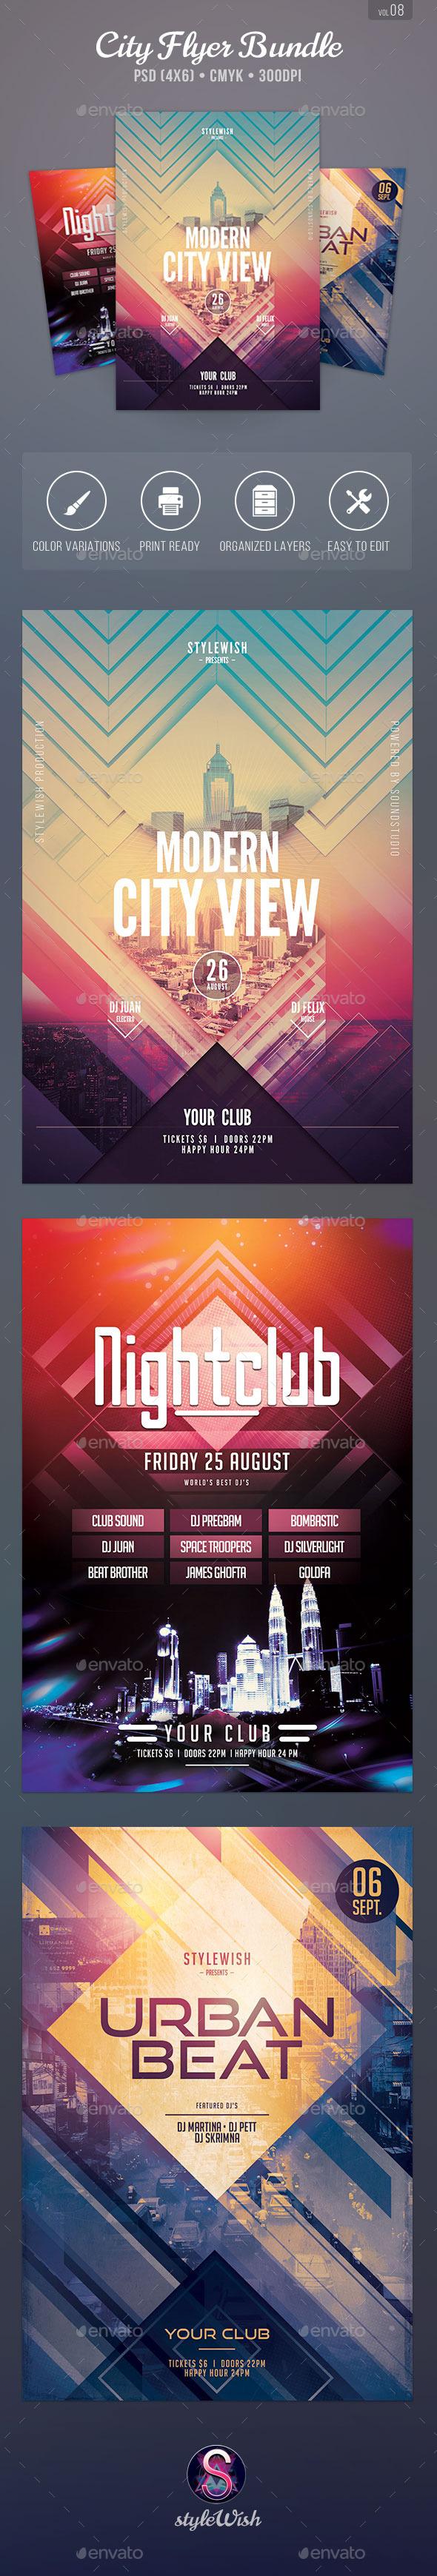 City Flyer Bundle Vol.08 - Clubs & Parties Events